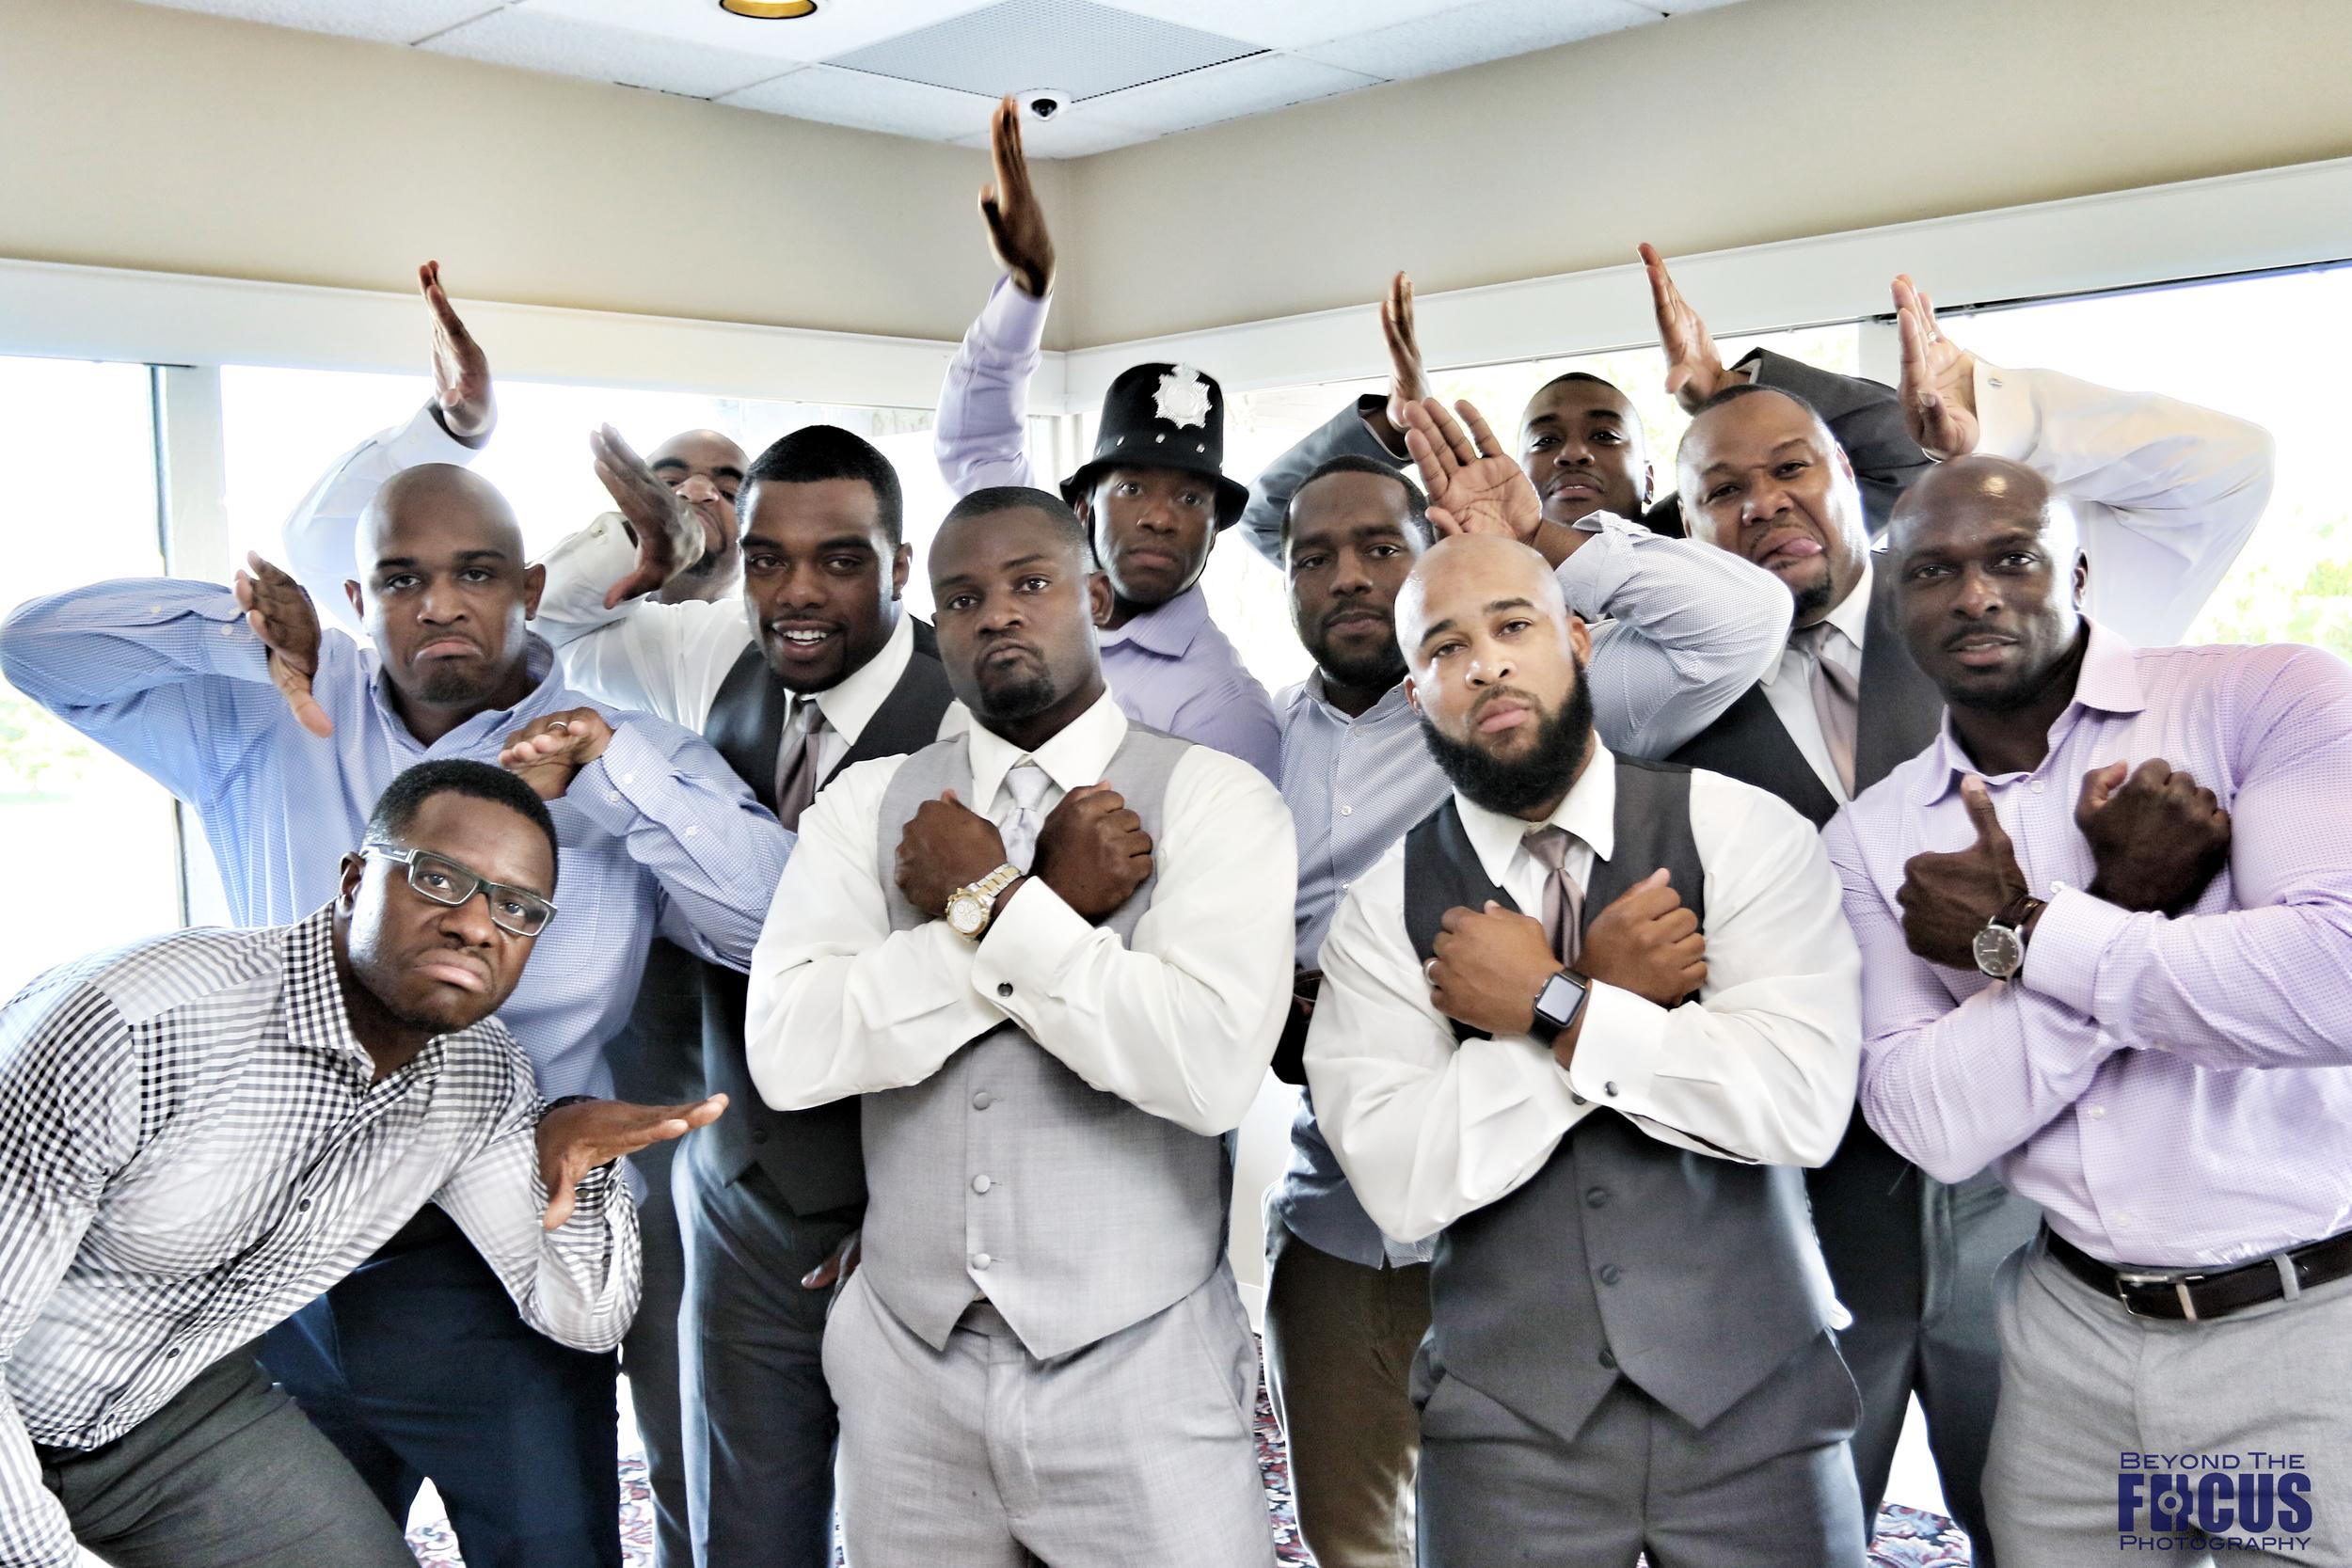 Palmer Wedding - Wedding Reception10.jpg